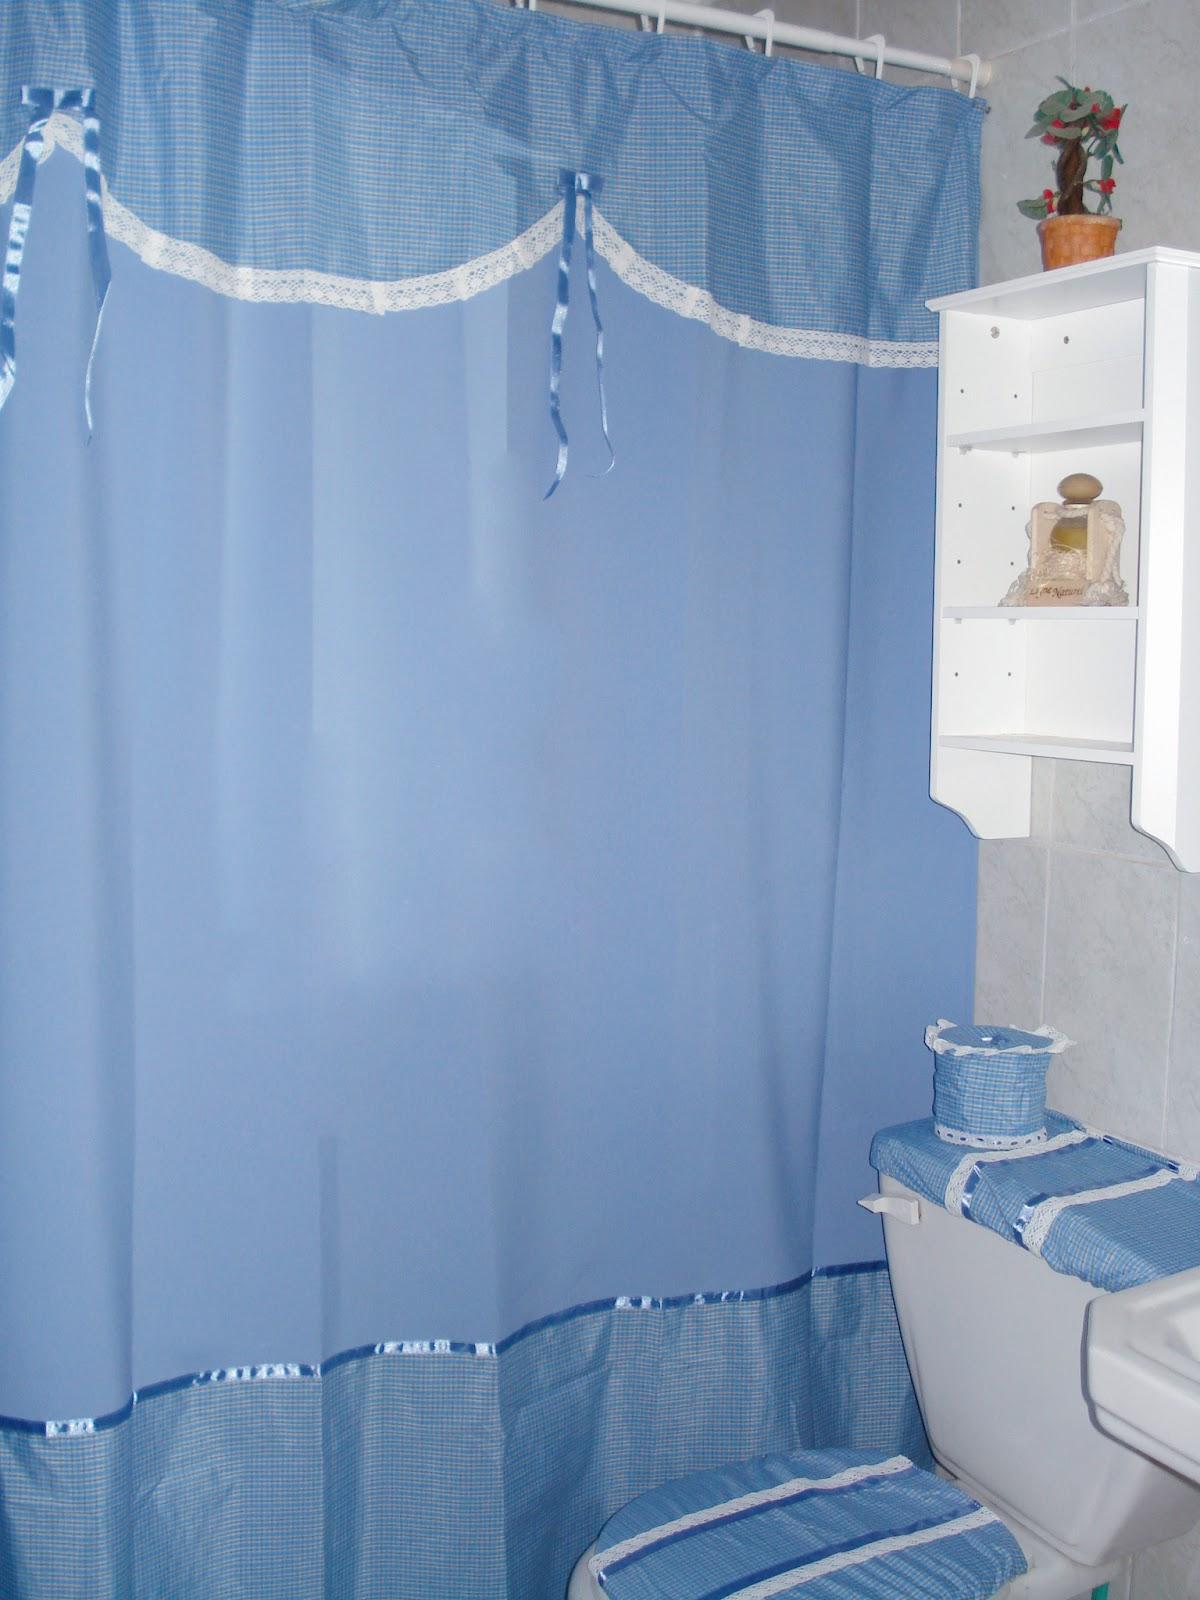 Rva dise os cortinas y set de ba o - Cortinas de tela para banos fotos ...